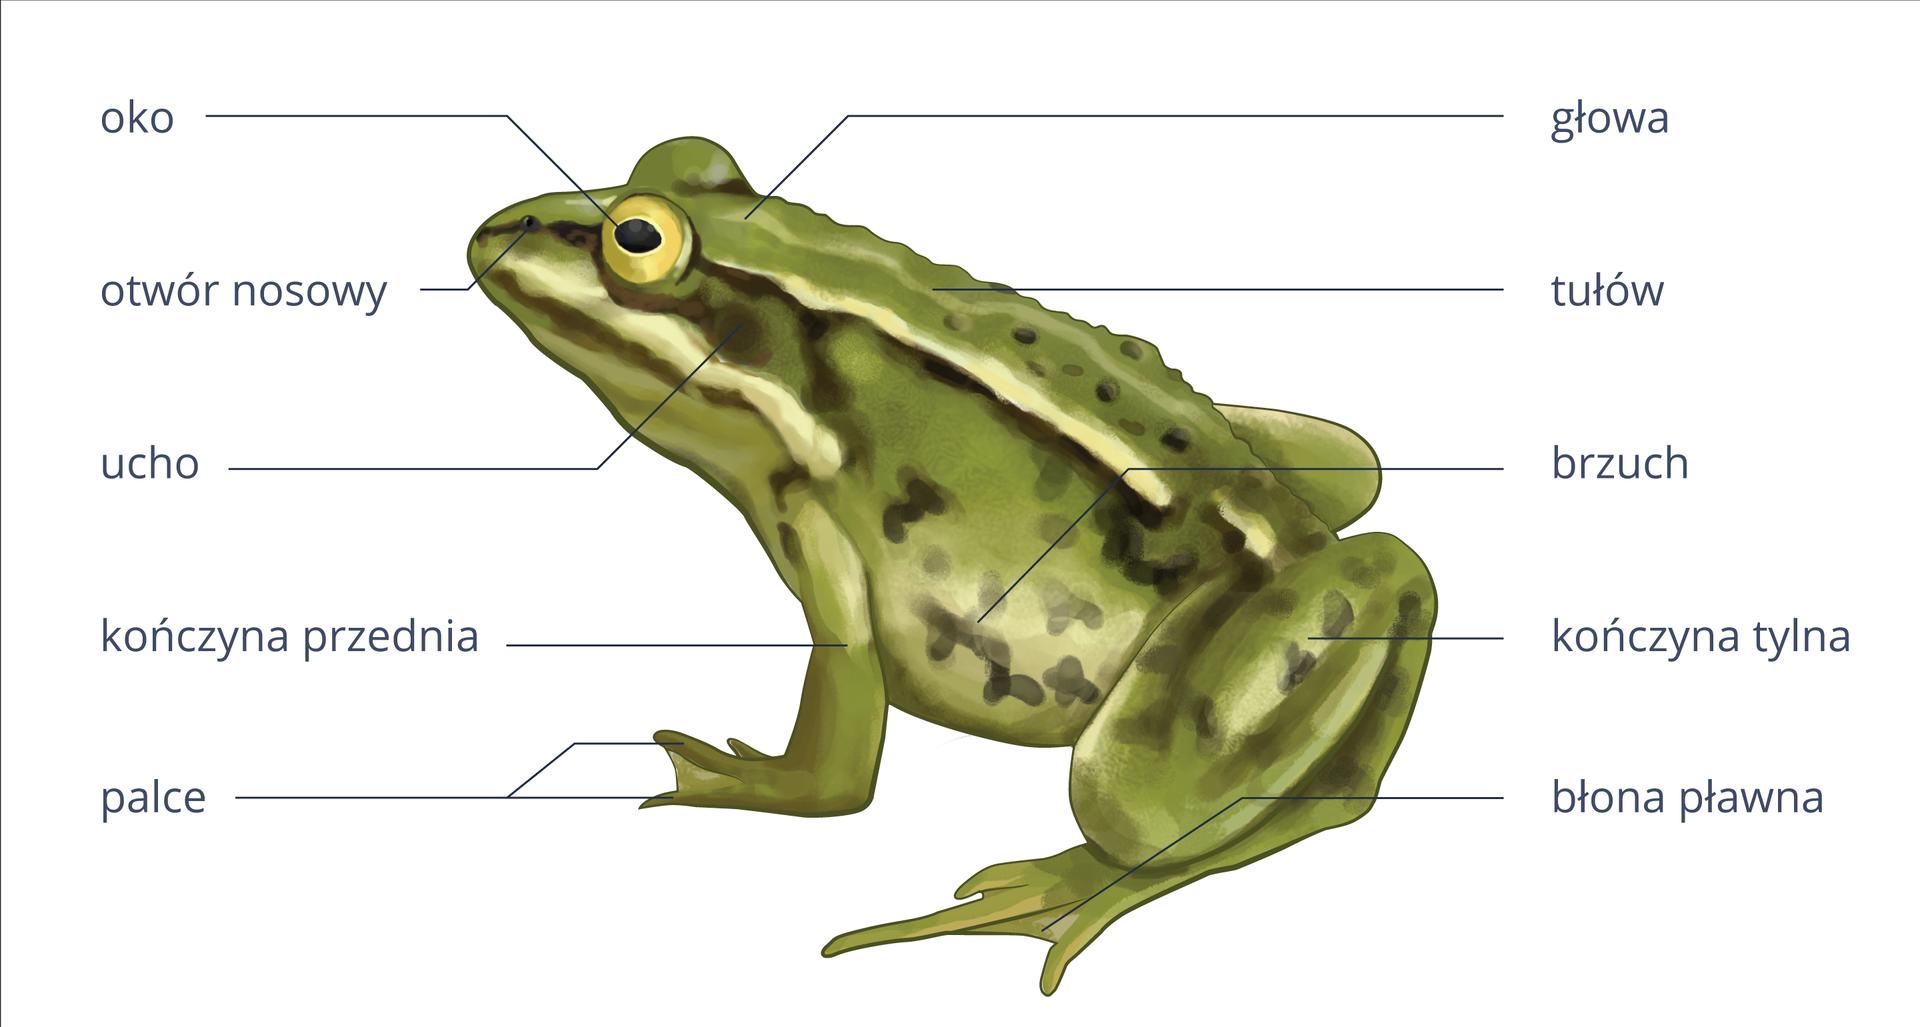 Dwie ilustracje przedstawiają budowę zewnętrzną iwewnętrzną żaby. Zlewej rysunek żaby, siedzącej zgłową wlewo. Jest zielona zbrązowymi plamkami ibiałymi smugami. Wokół podpisy części ciała. Od przodu na głowie: otwór nosowy, za nim żółte oko zczarną źrenicą. Pod nim ciemny, okrągły otwór uszny. Dalej beczkowaty tułów ibrzuch, pod nim zgięta kończyna tylna zbłoną pławną między palcami. Kończyna przednia krótsza, podpisane palce.